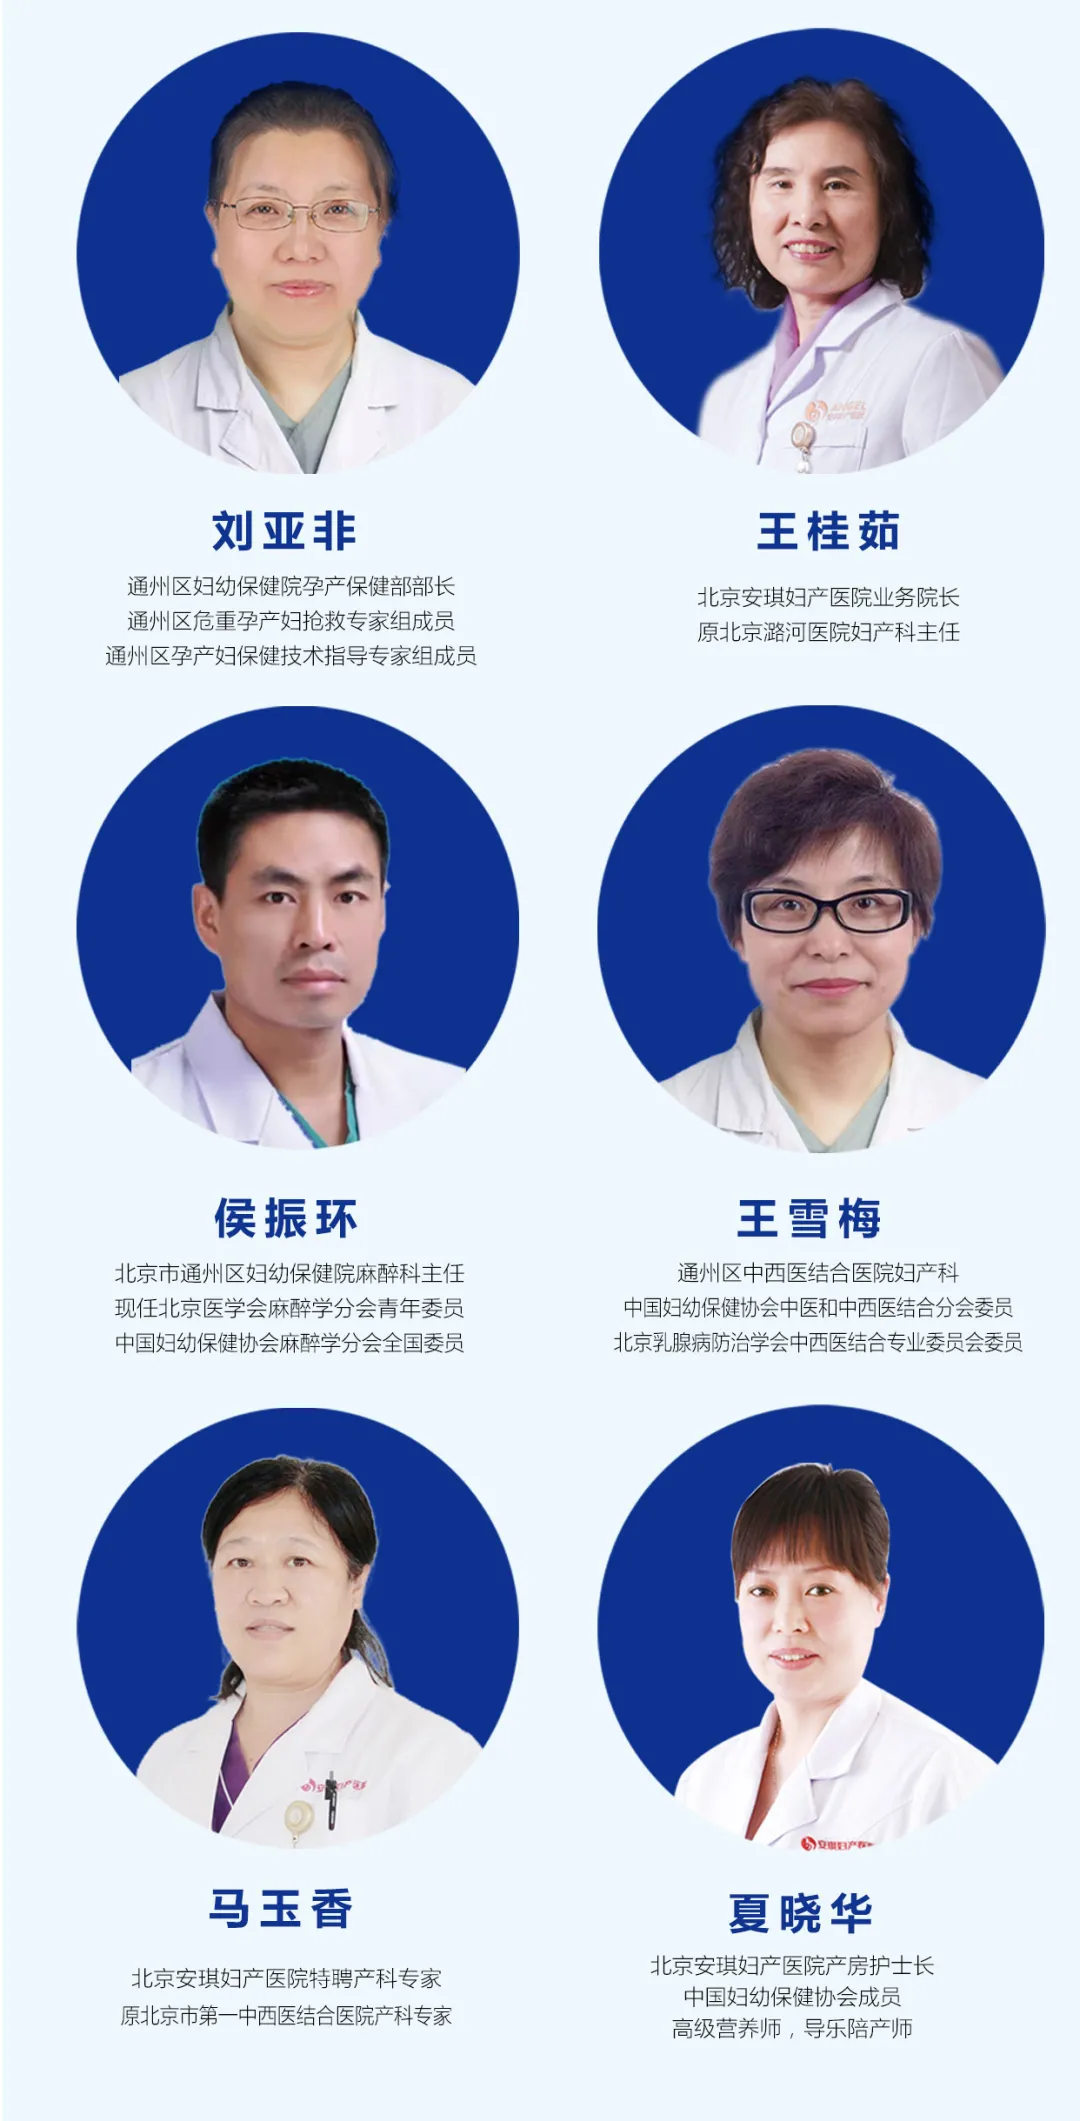 重磅消息 5 月 24 日通州区首届产科分娩镇痛及品质服务高峰论坛!报名中